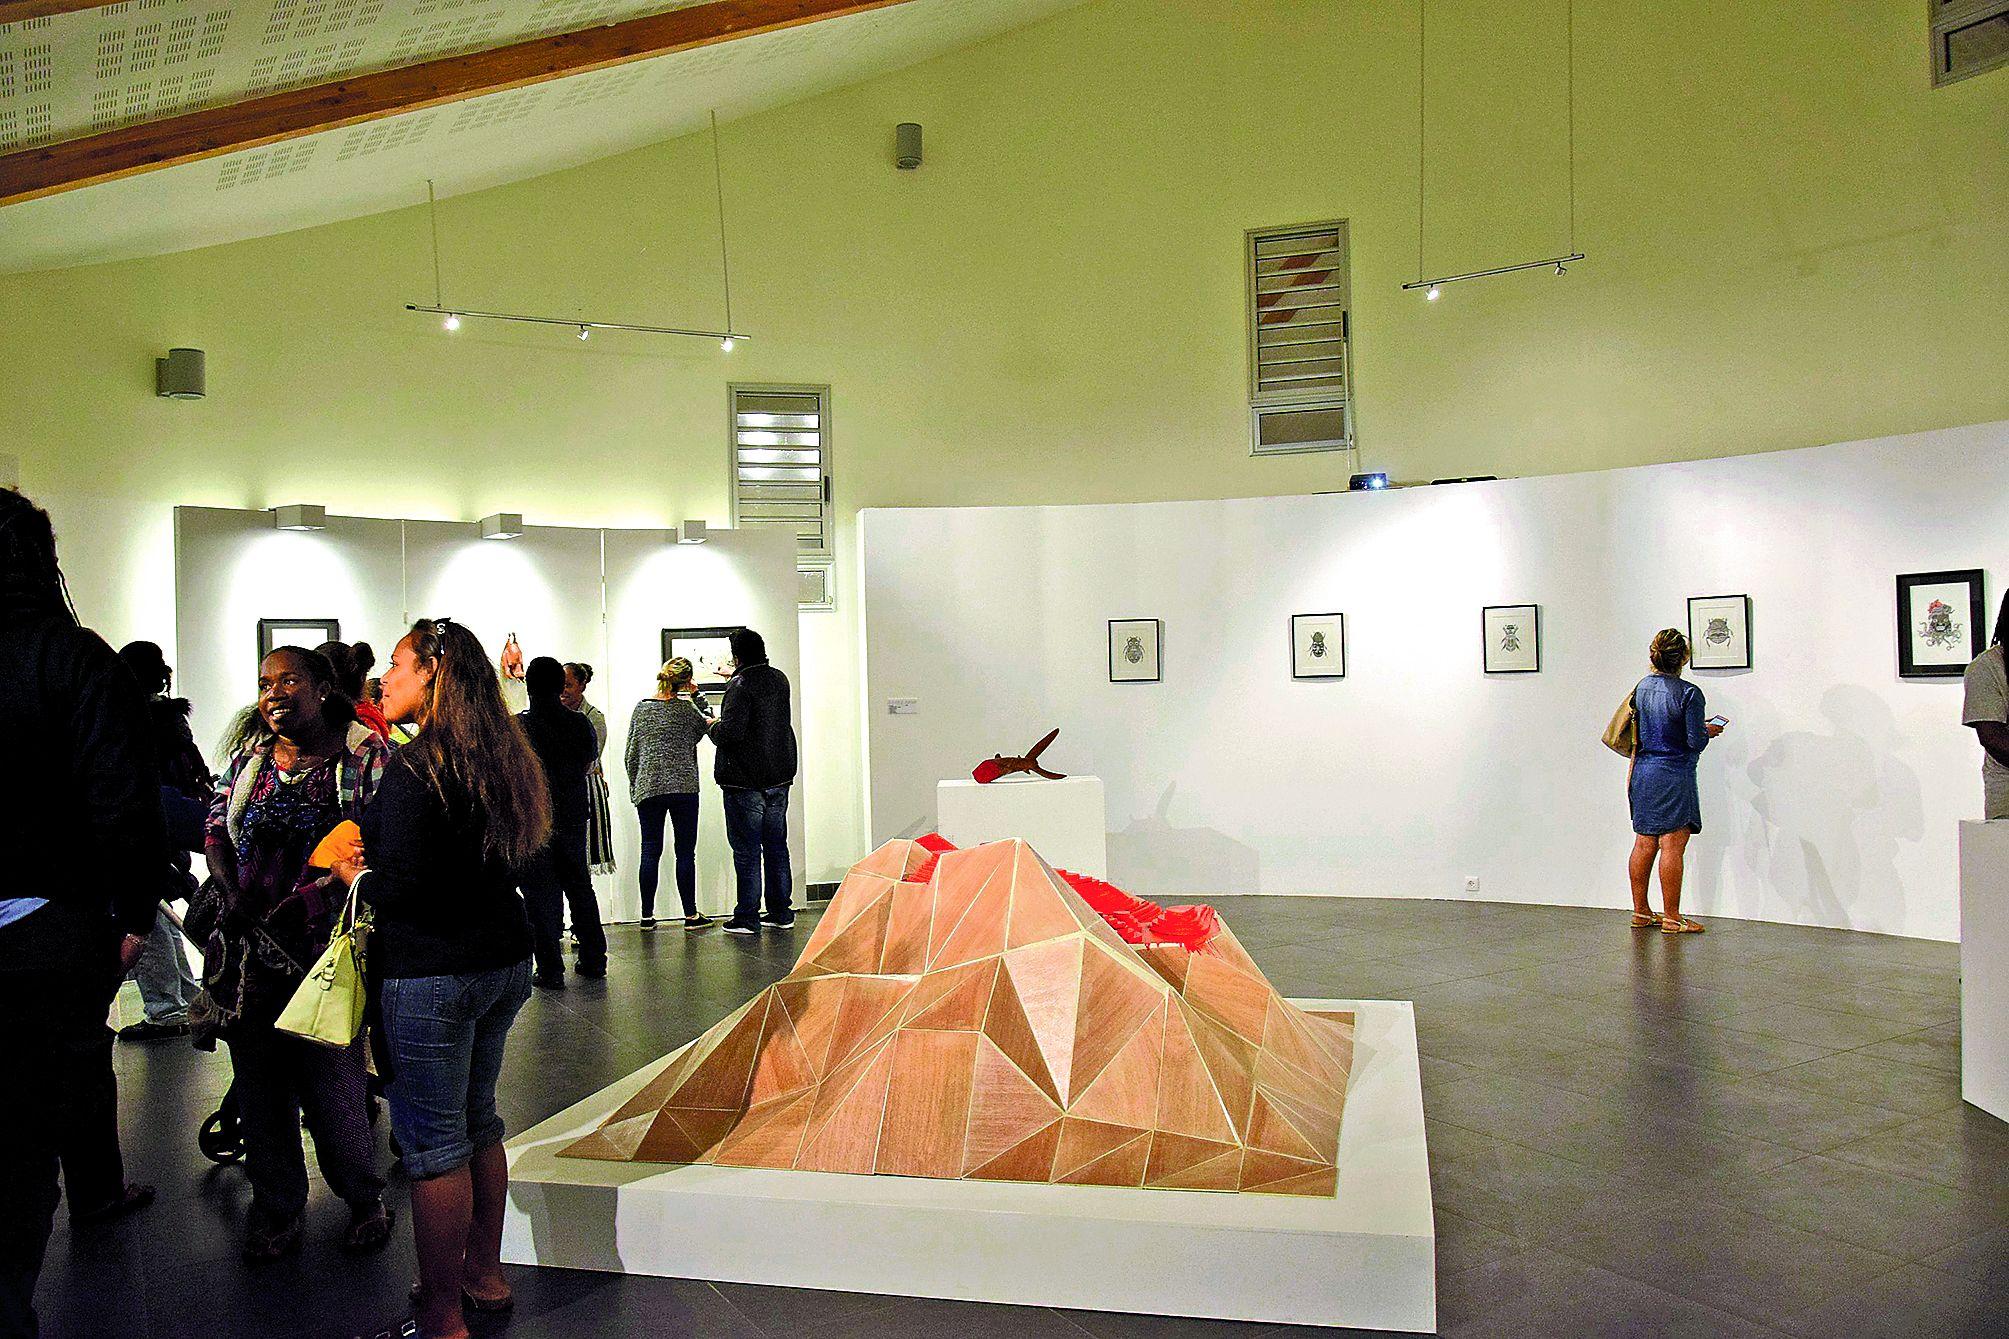 Lors du vernissage, le public est venu nombreux assister à la coutume d'accueil et saluer l'artiste. L'exposition connaît depuis un grand succès.